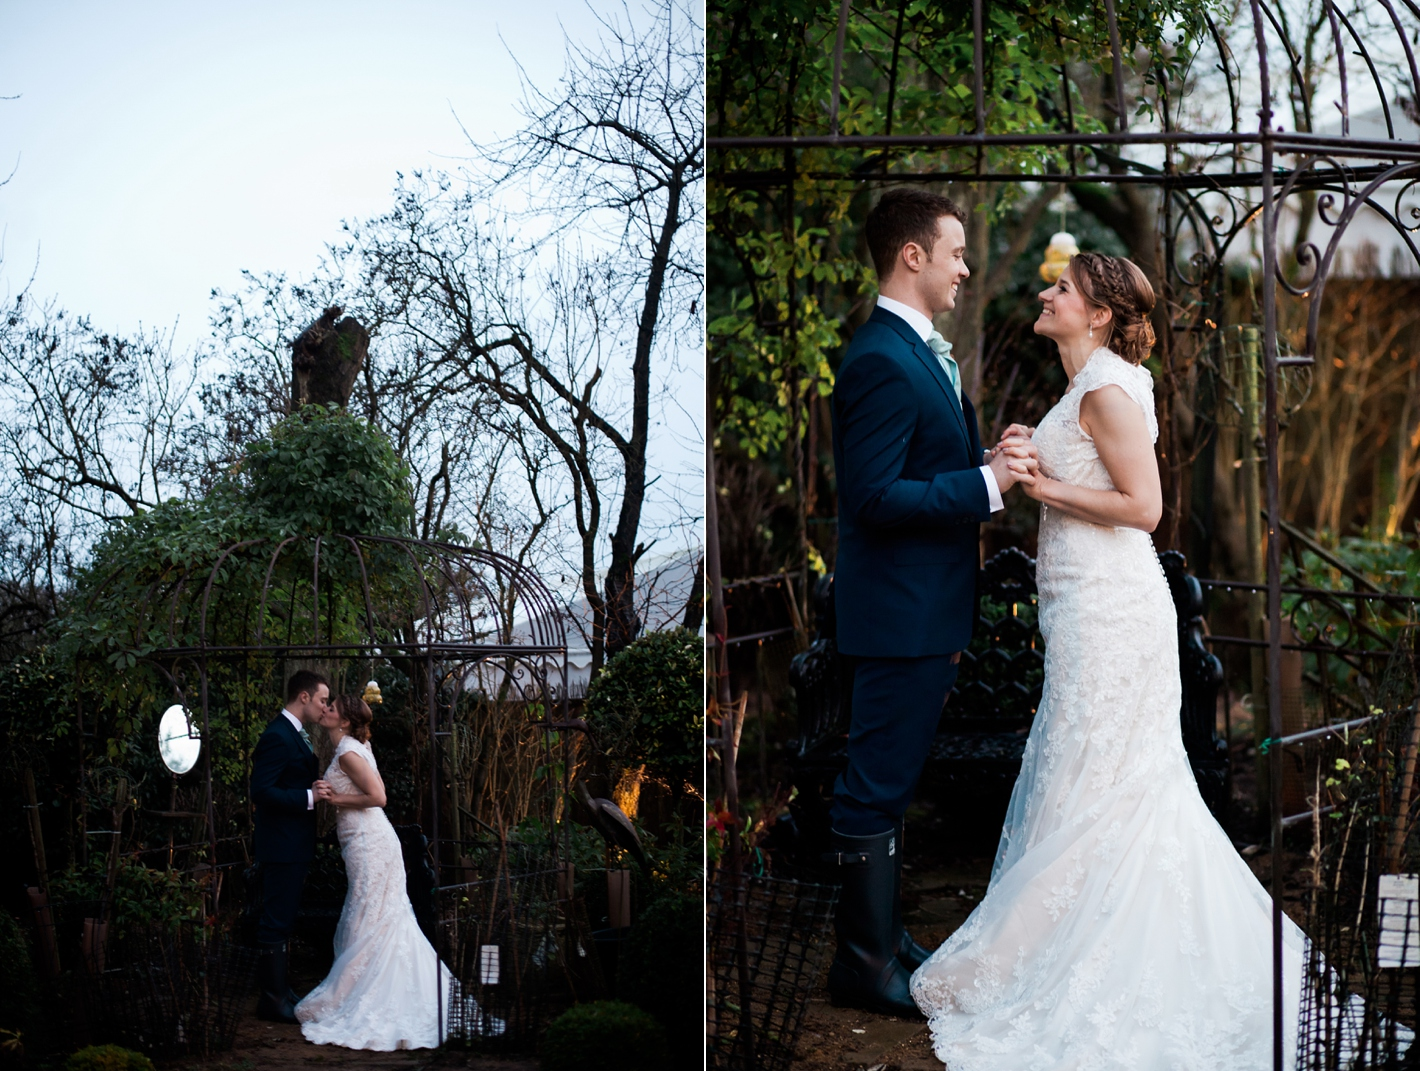 Emily + Tom wedding photography Hampshire Wedding Photographer Lilybean Photography 26